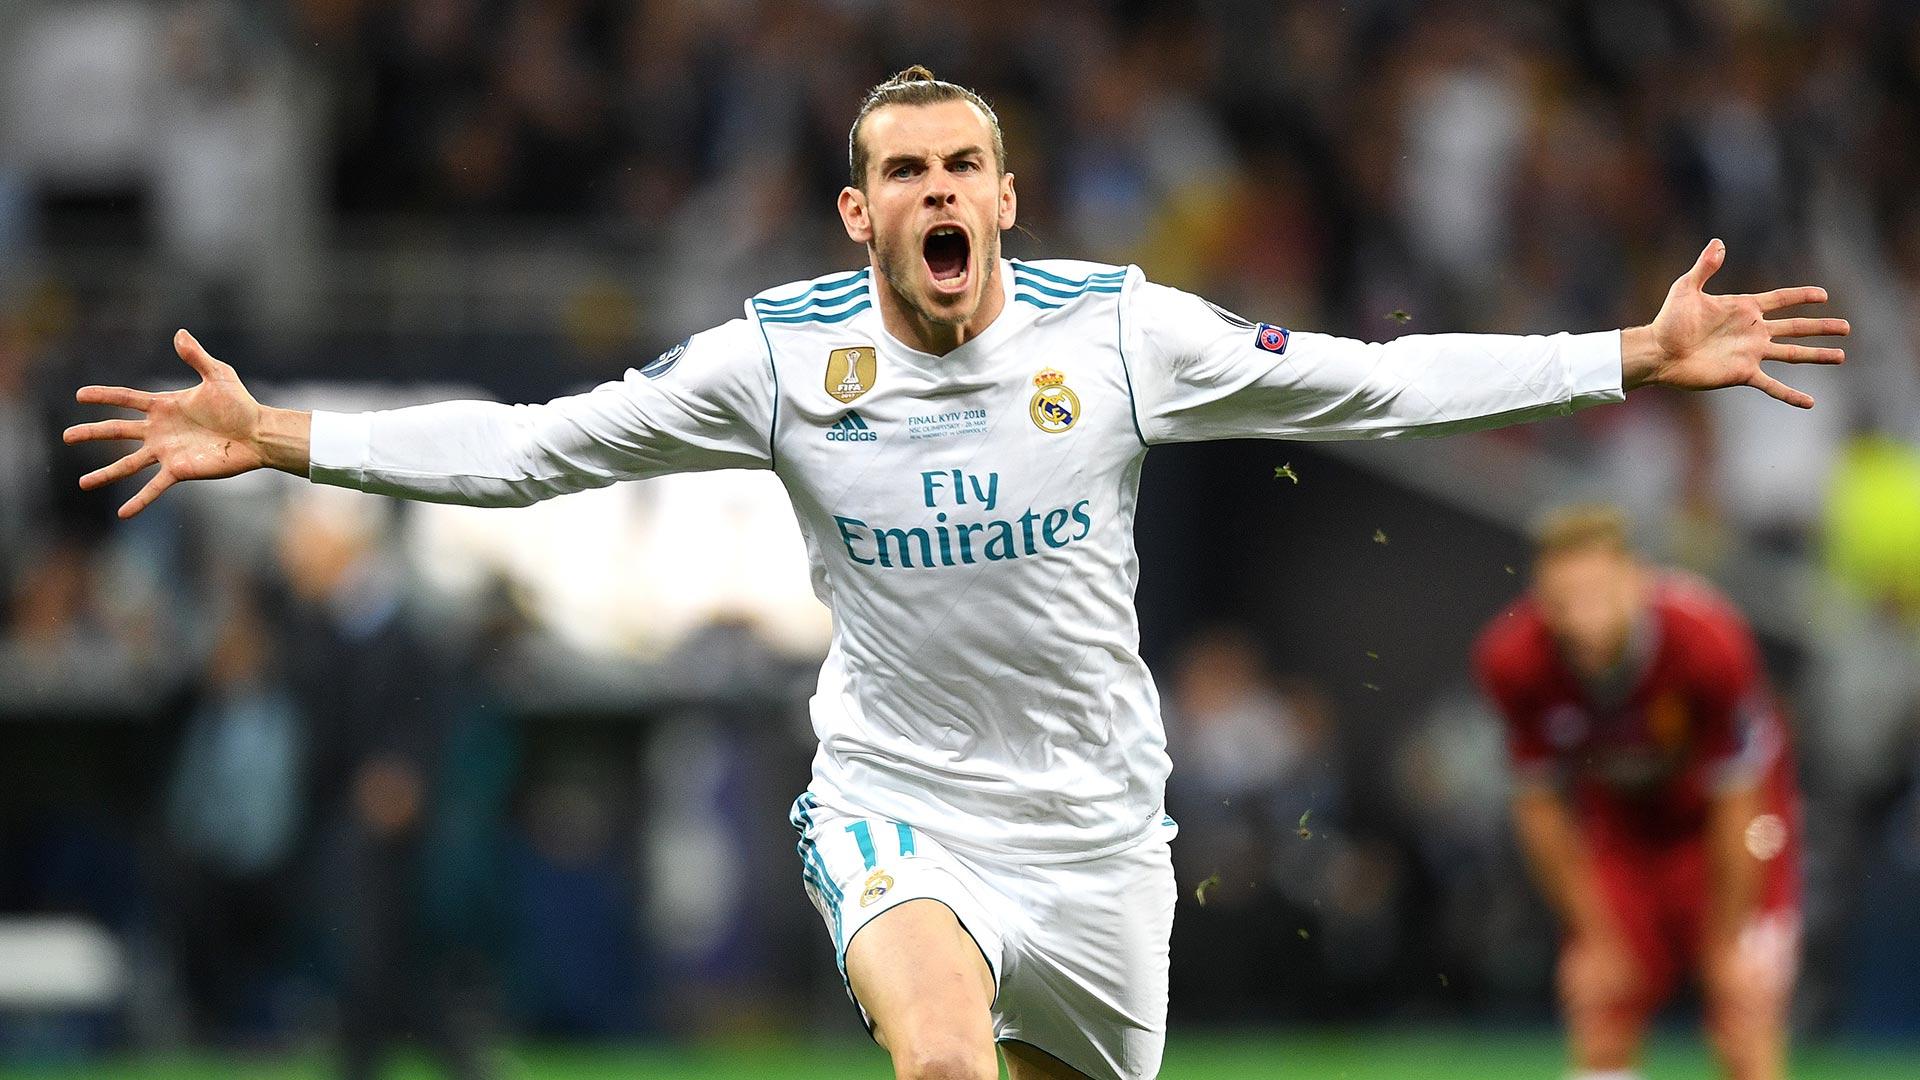 FICHAJES DEL REAL MADRID EN VIVO  los últimos rumores de Bale ... 5291c77919f75